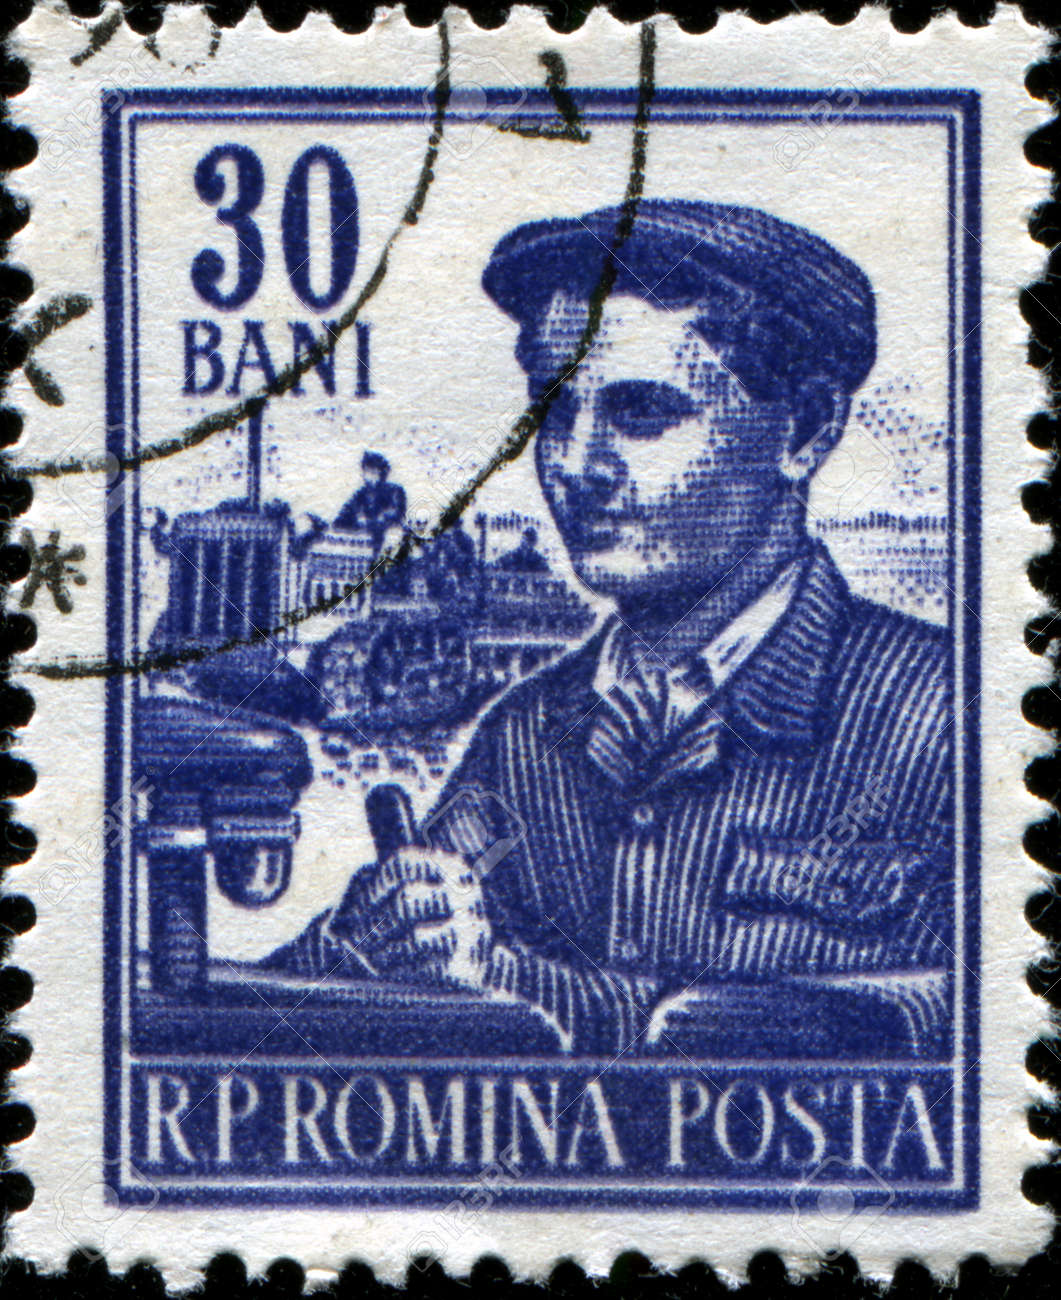 ROMANIA - CIRCA 1955: A stamp printed in Romania shows Tractor driver, series, circa 1955  Stock Photo - 17262140